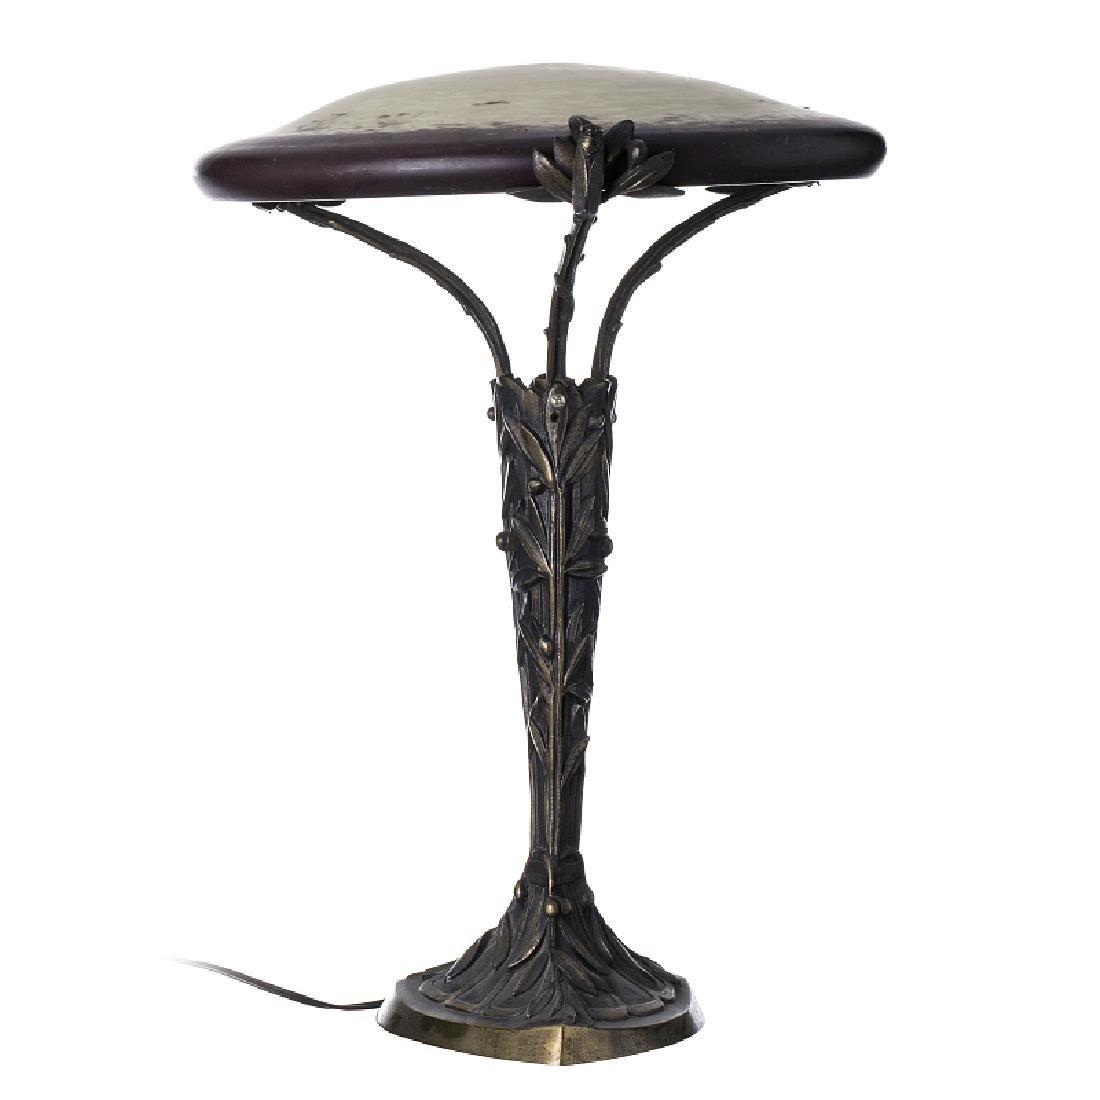 SCHNEIDER FRANCE - Art Nouveau lamp